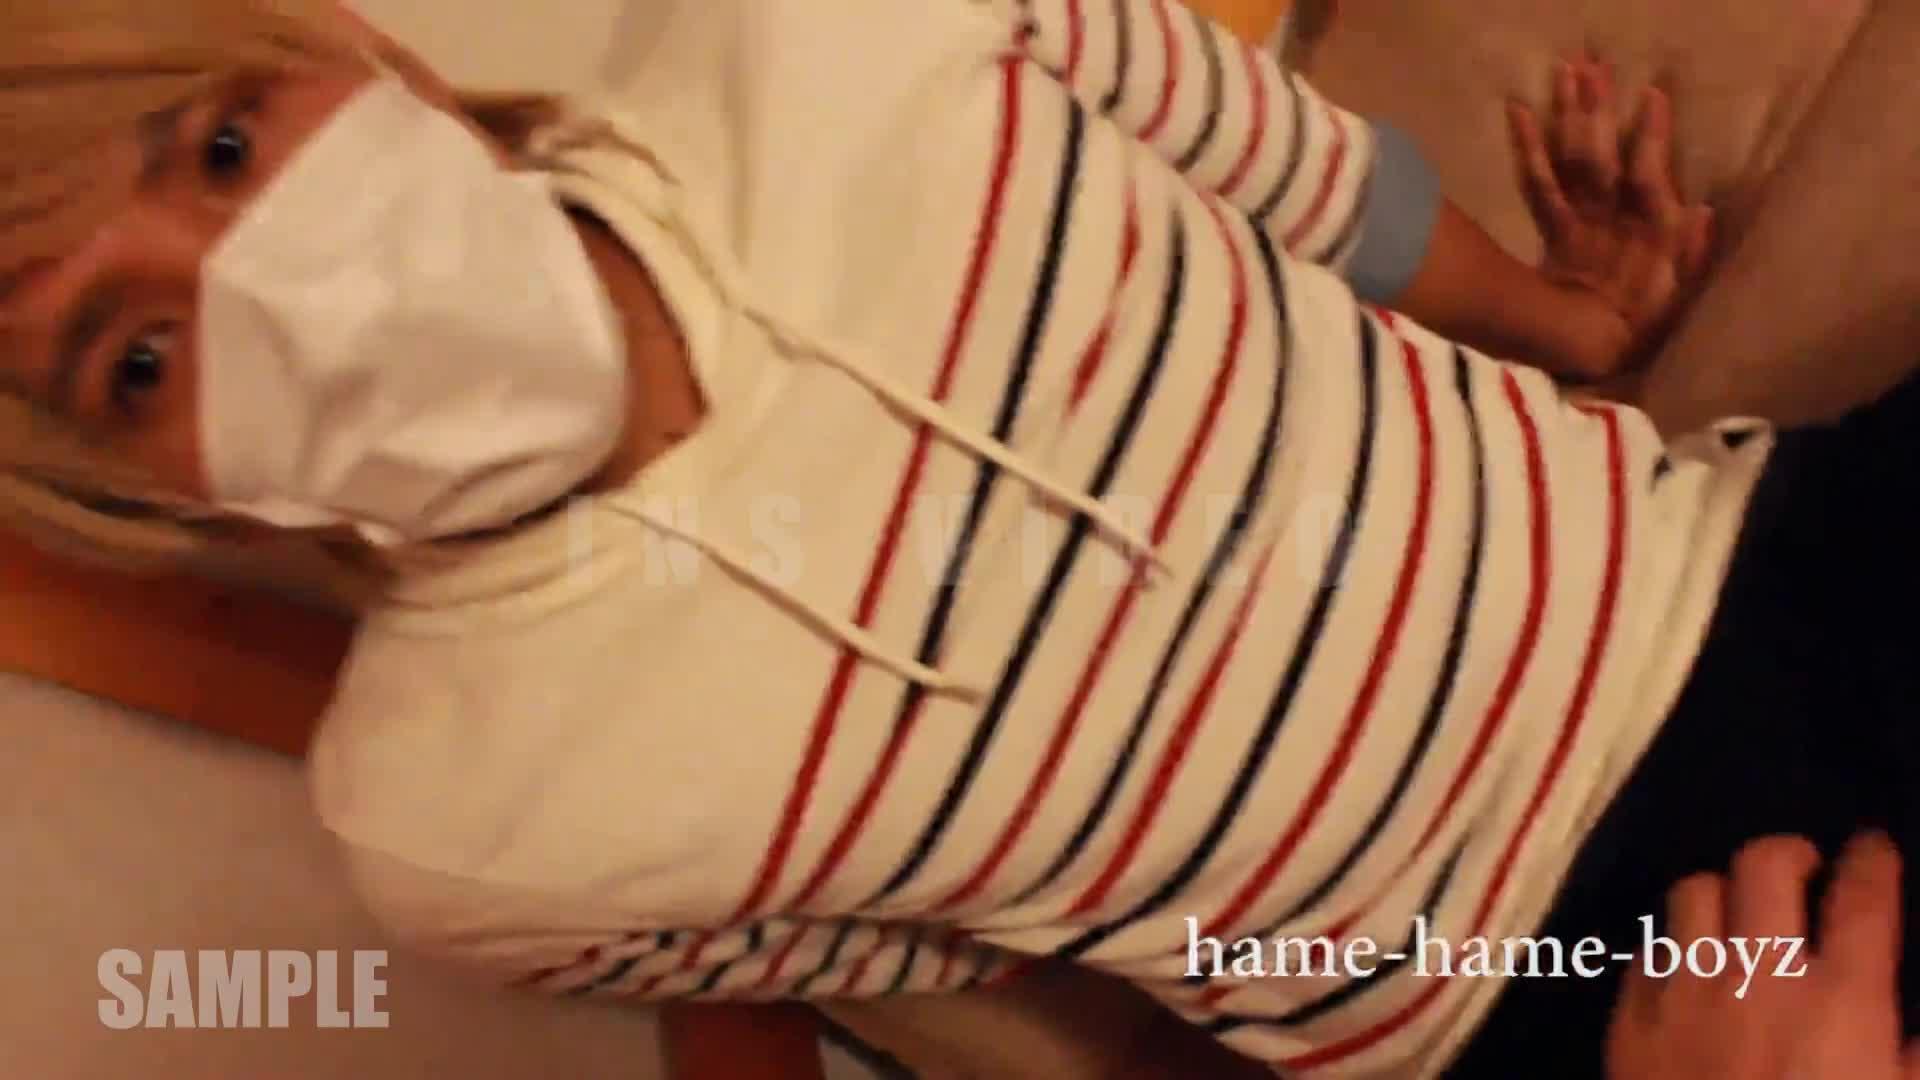 【個人撮影】女とヤリまくってた関西弁イケメン(19歳)が、男にフェラ抜きされ濃厚射精!【サンプル】